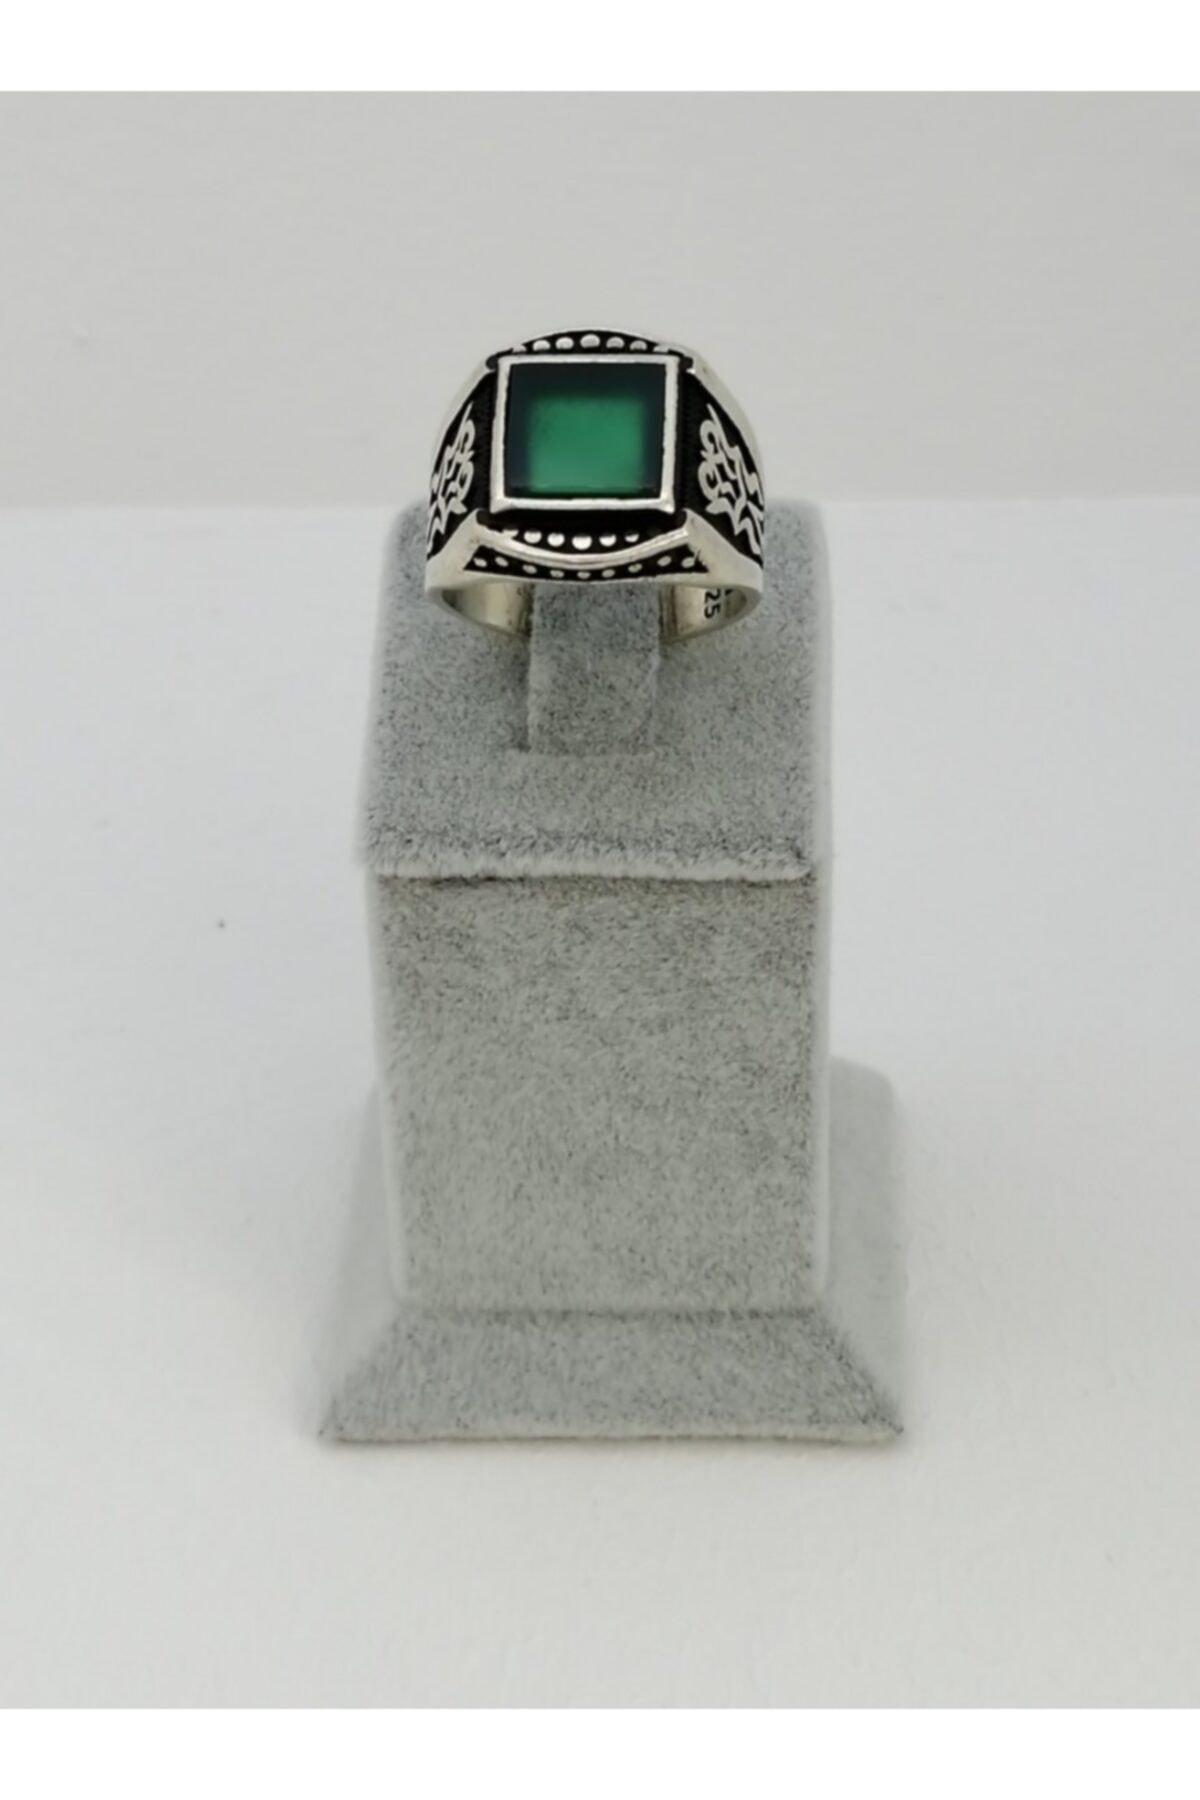 Caran d'Ache Özel Tasarım Özel Işçilik 925 Ayar Gümüş Yeşil Akik Taş Detaylı Yüzük 2